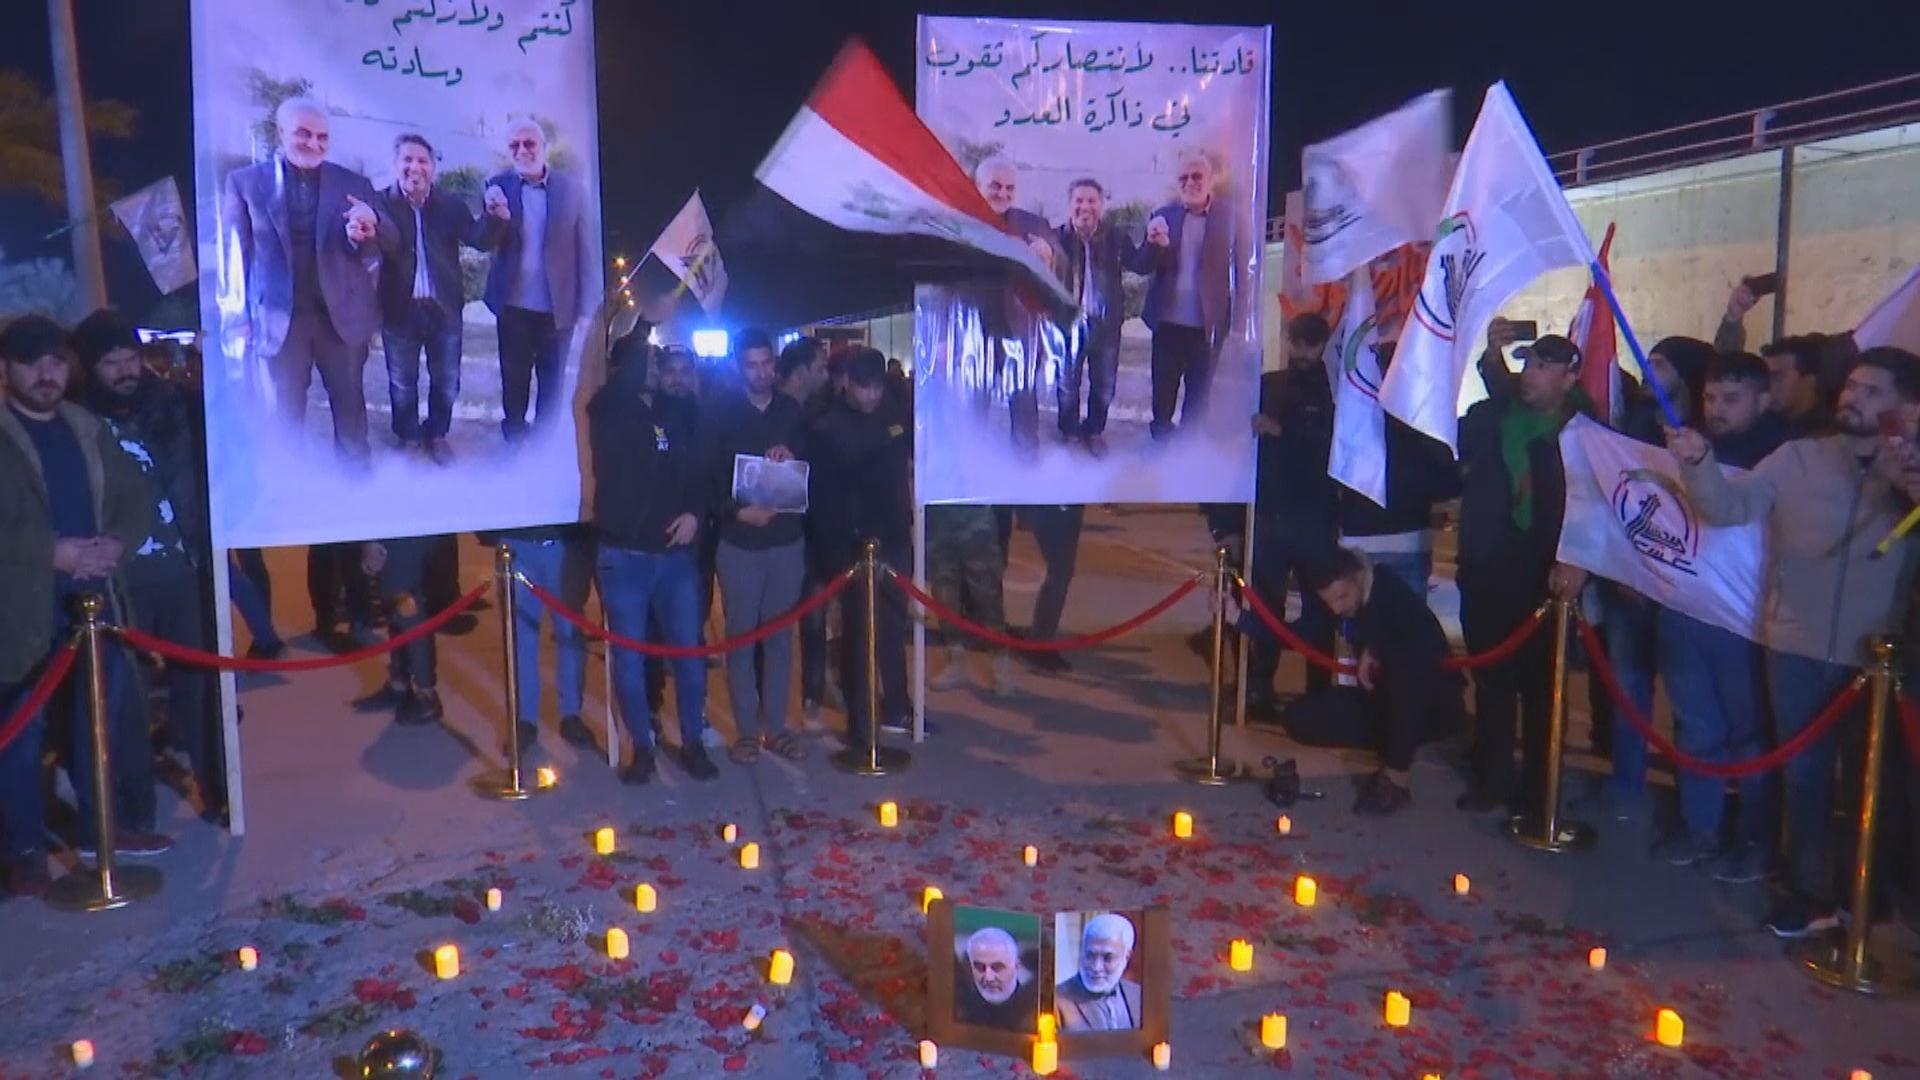 伊朗重申將為索萊馬尼之死報復